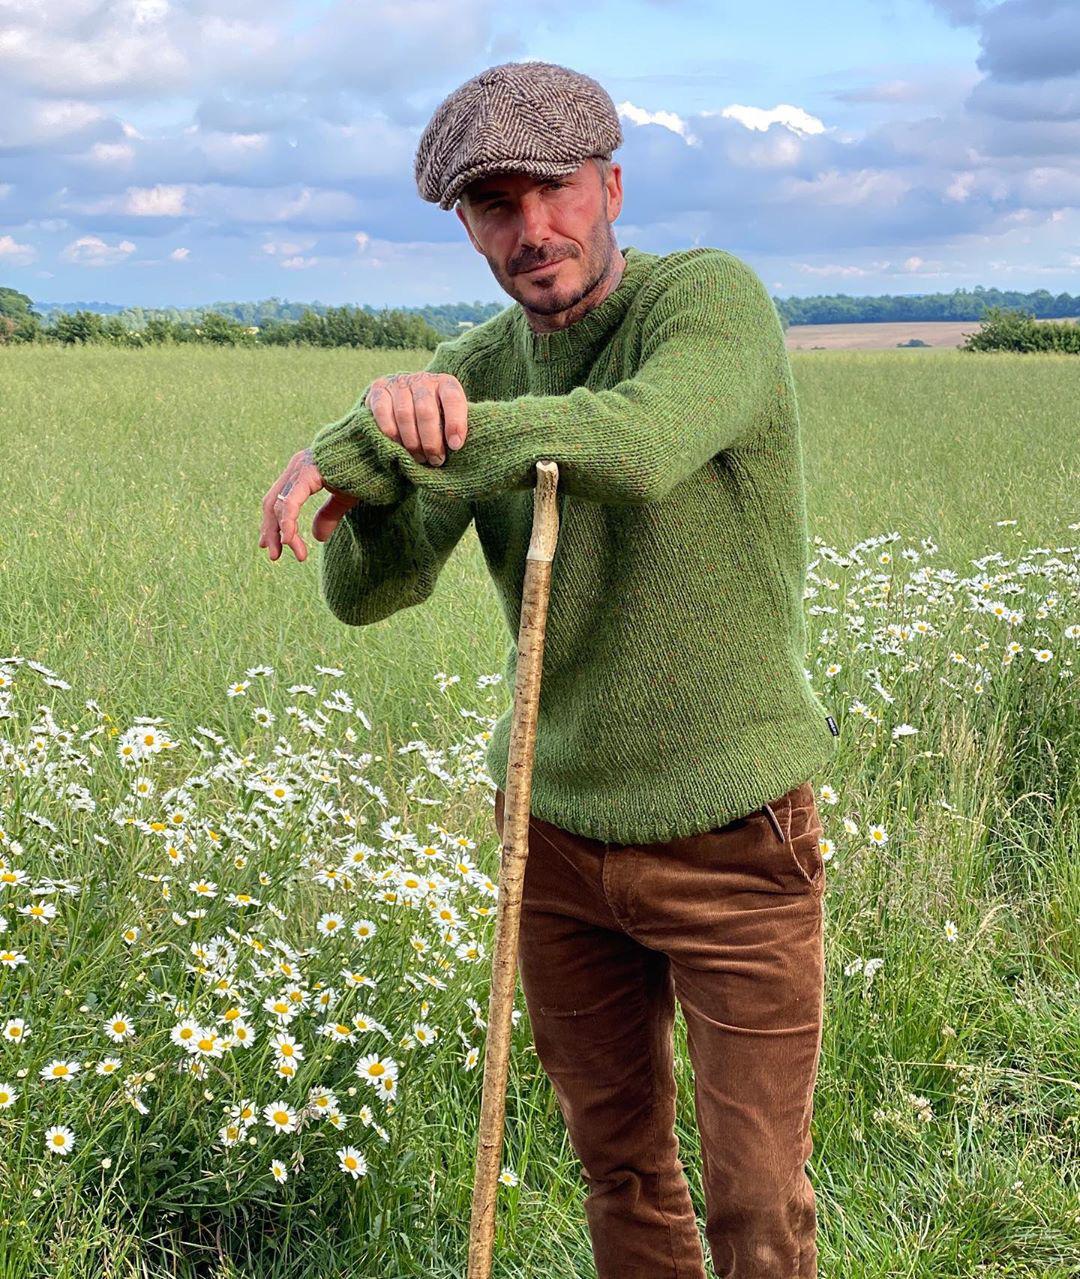 Bị bà xã chê bai ở khâu chọn mũ, David Beckham quyết tâm thay đổi phong cách, nhận về luôn 2 triệu lượt thả tim - Ảnh 1